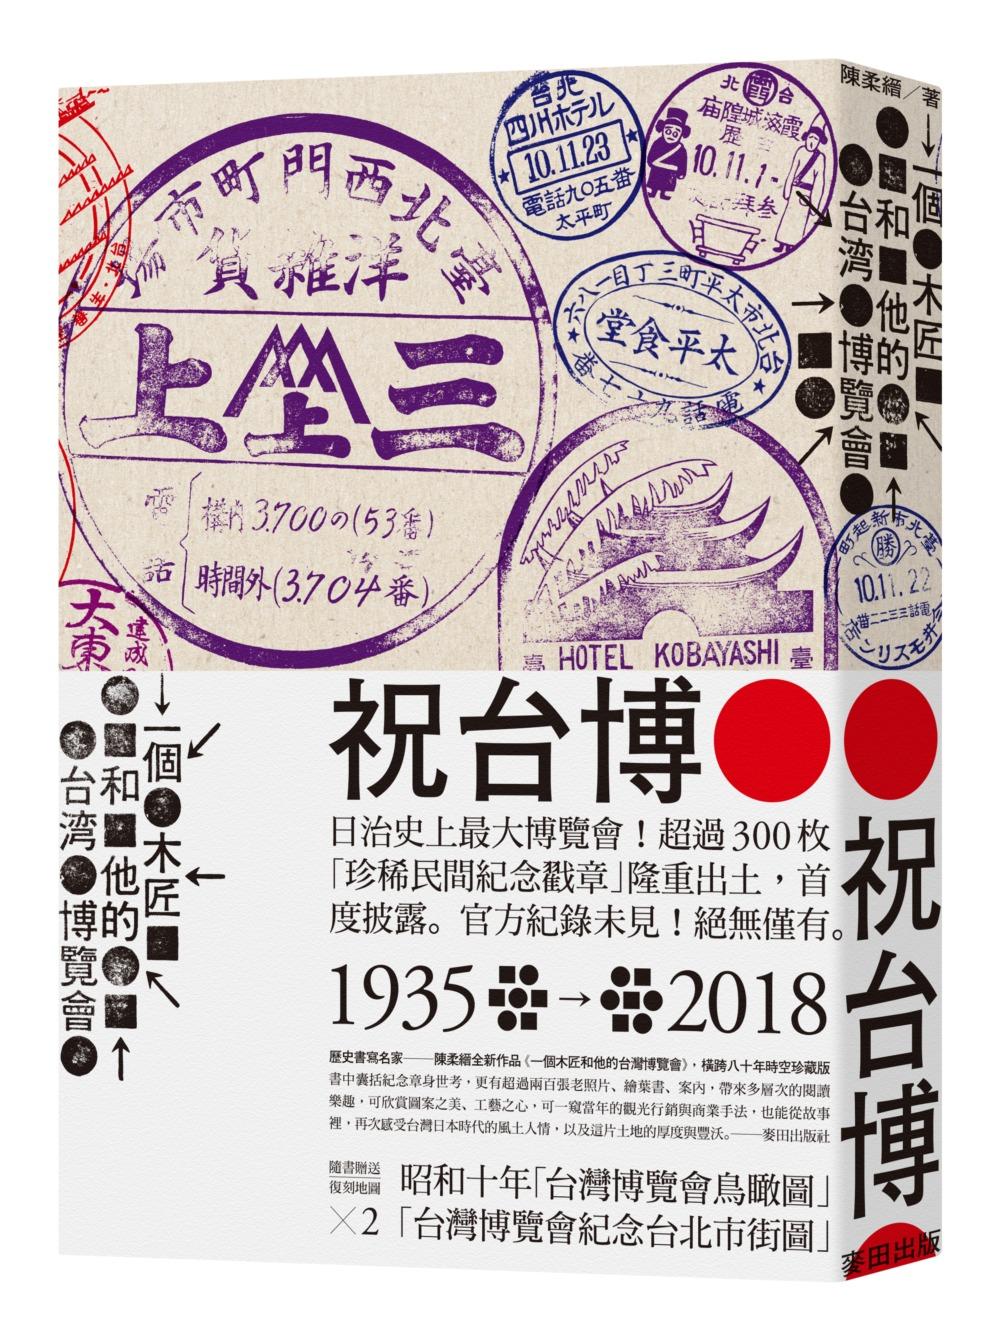 一個木匠和他的台灣博覽會(附1935年『台灣博覽會紀念台北市街圖』、『台灣博覽會鳥瞰圖』復刻版古地圖